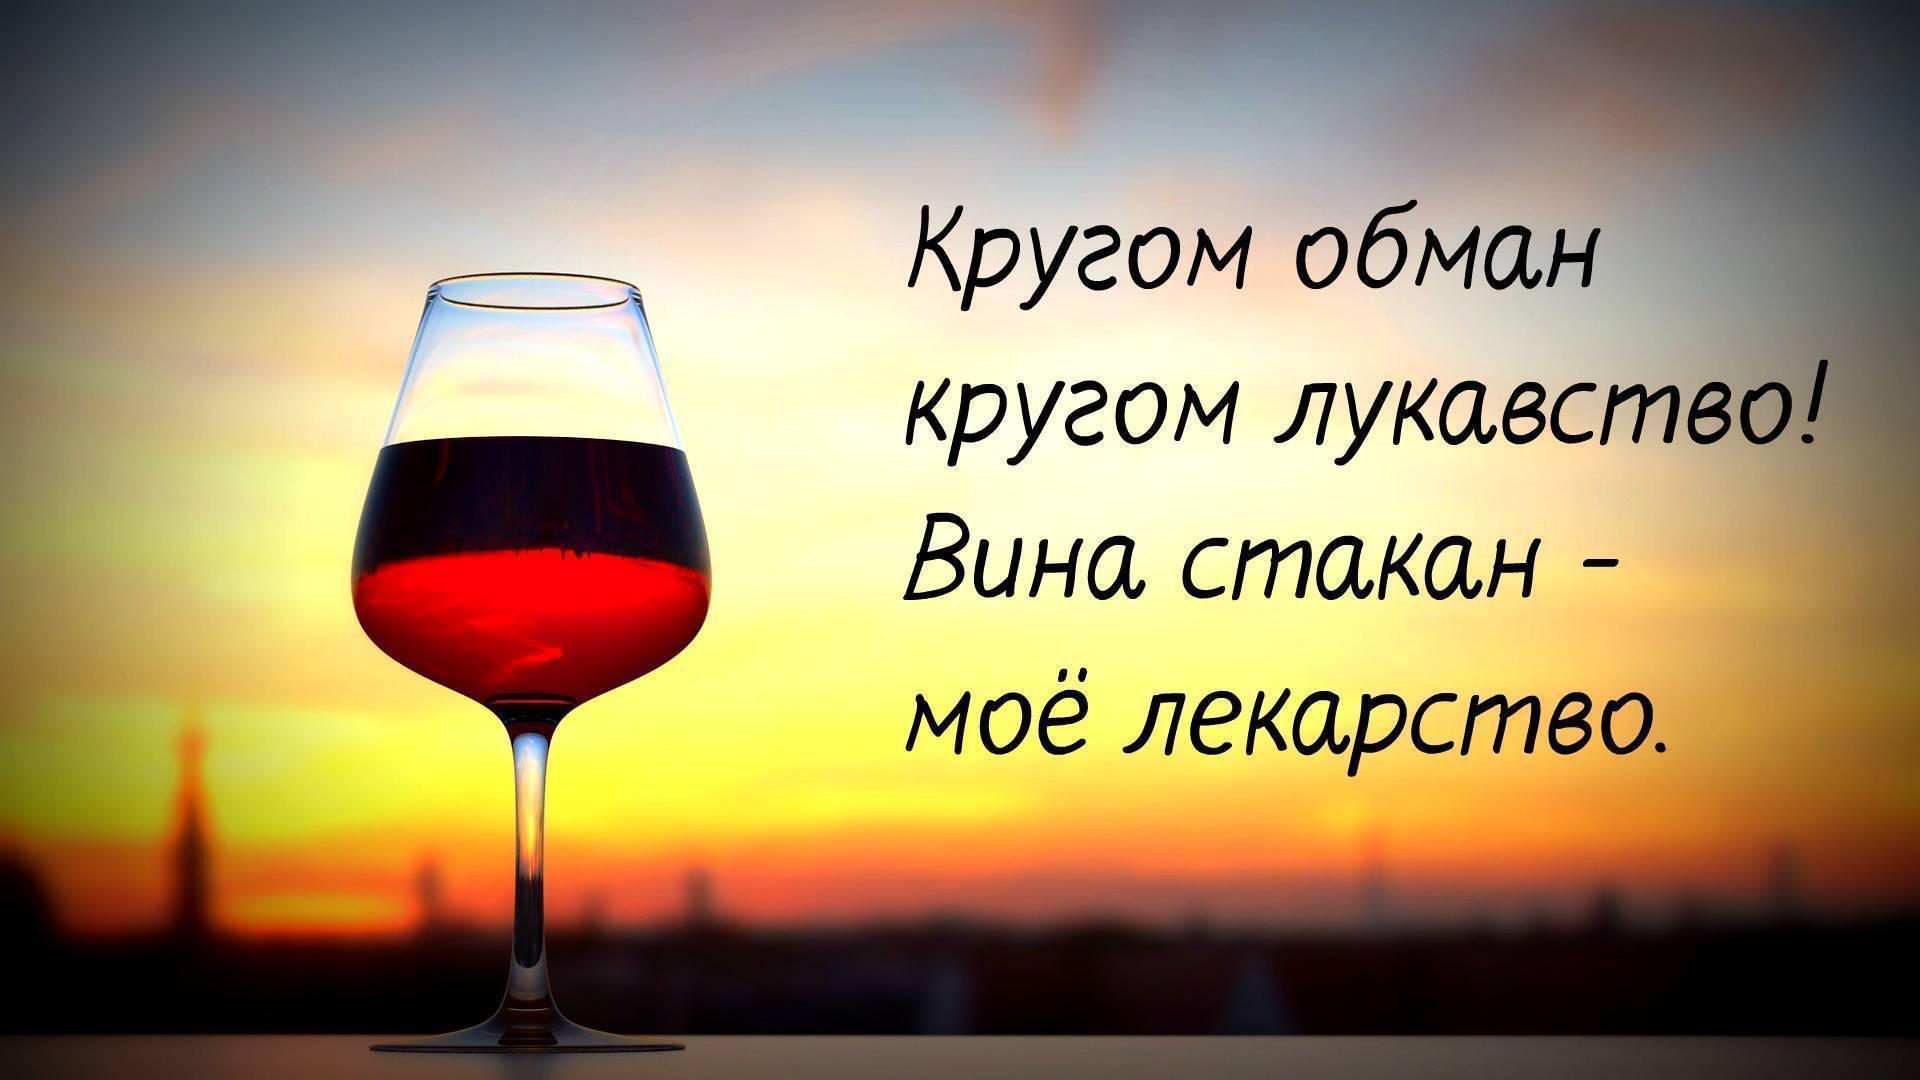 Афоризмы про алкоголь афоризмы на тему алкоголь ⛳️ алко профи